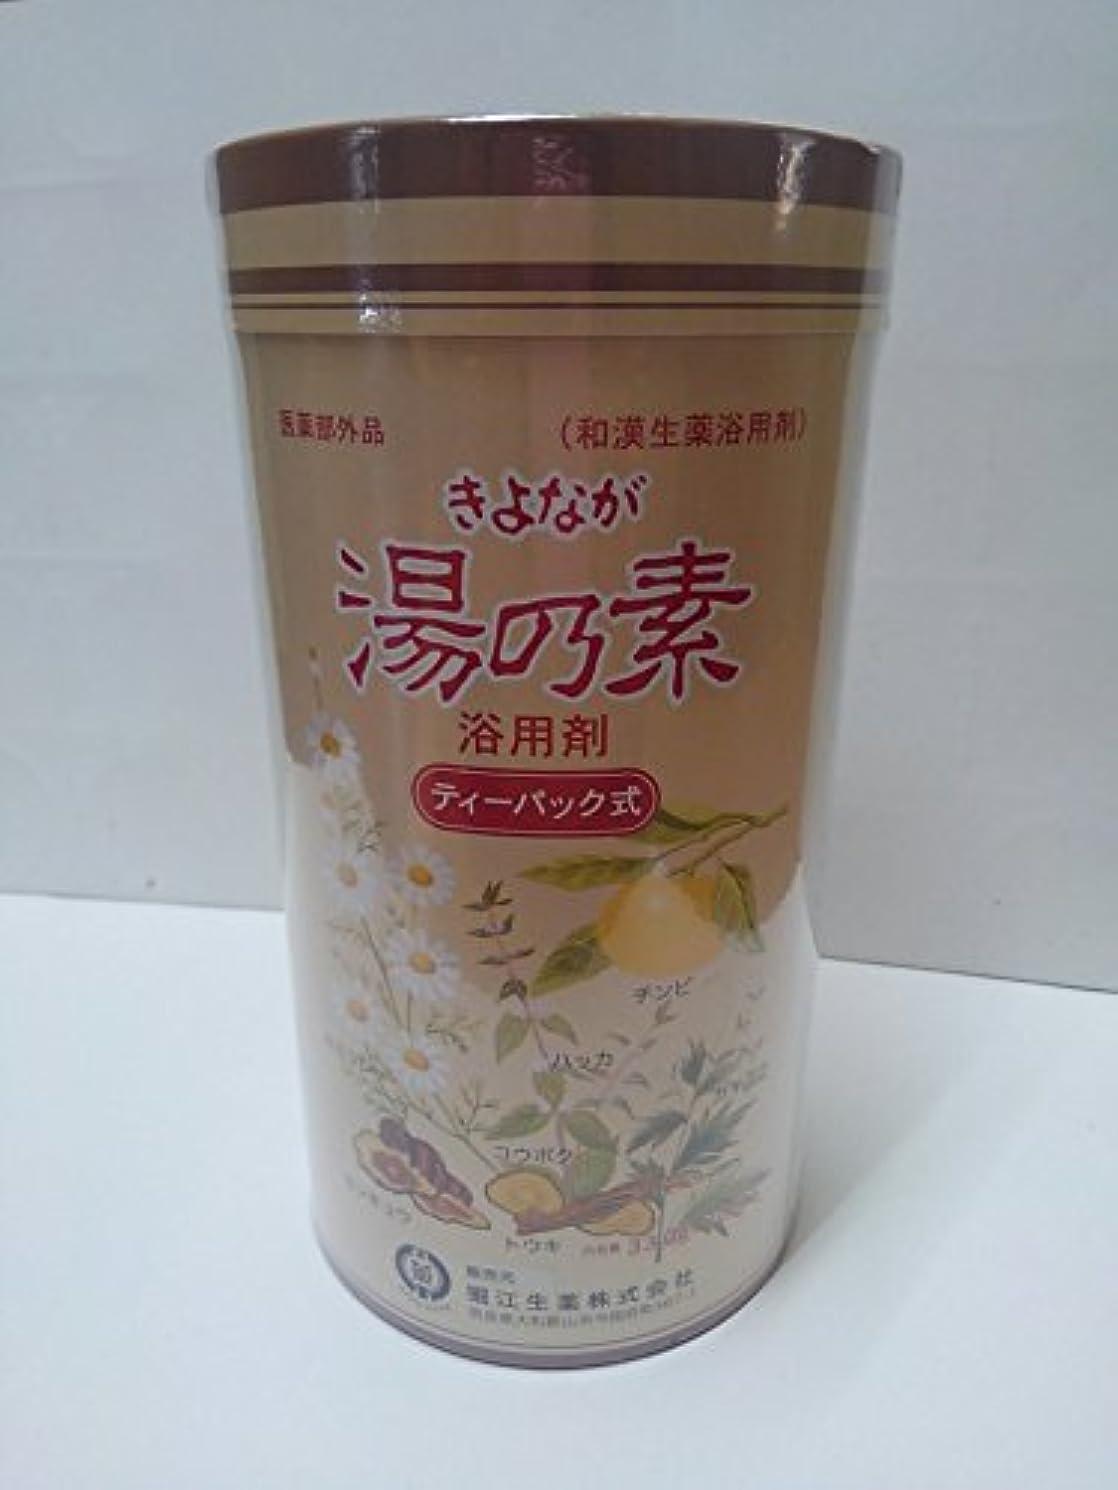 検証フレットタール和漢生薬配合浴用剤 きよなが 「湯の素」 (テ?ーパック式)